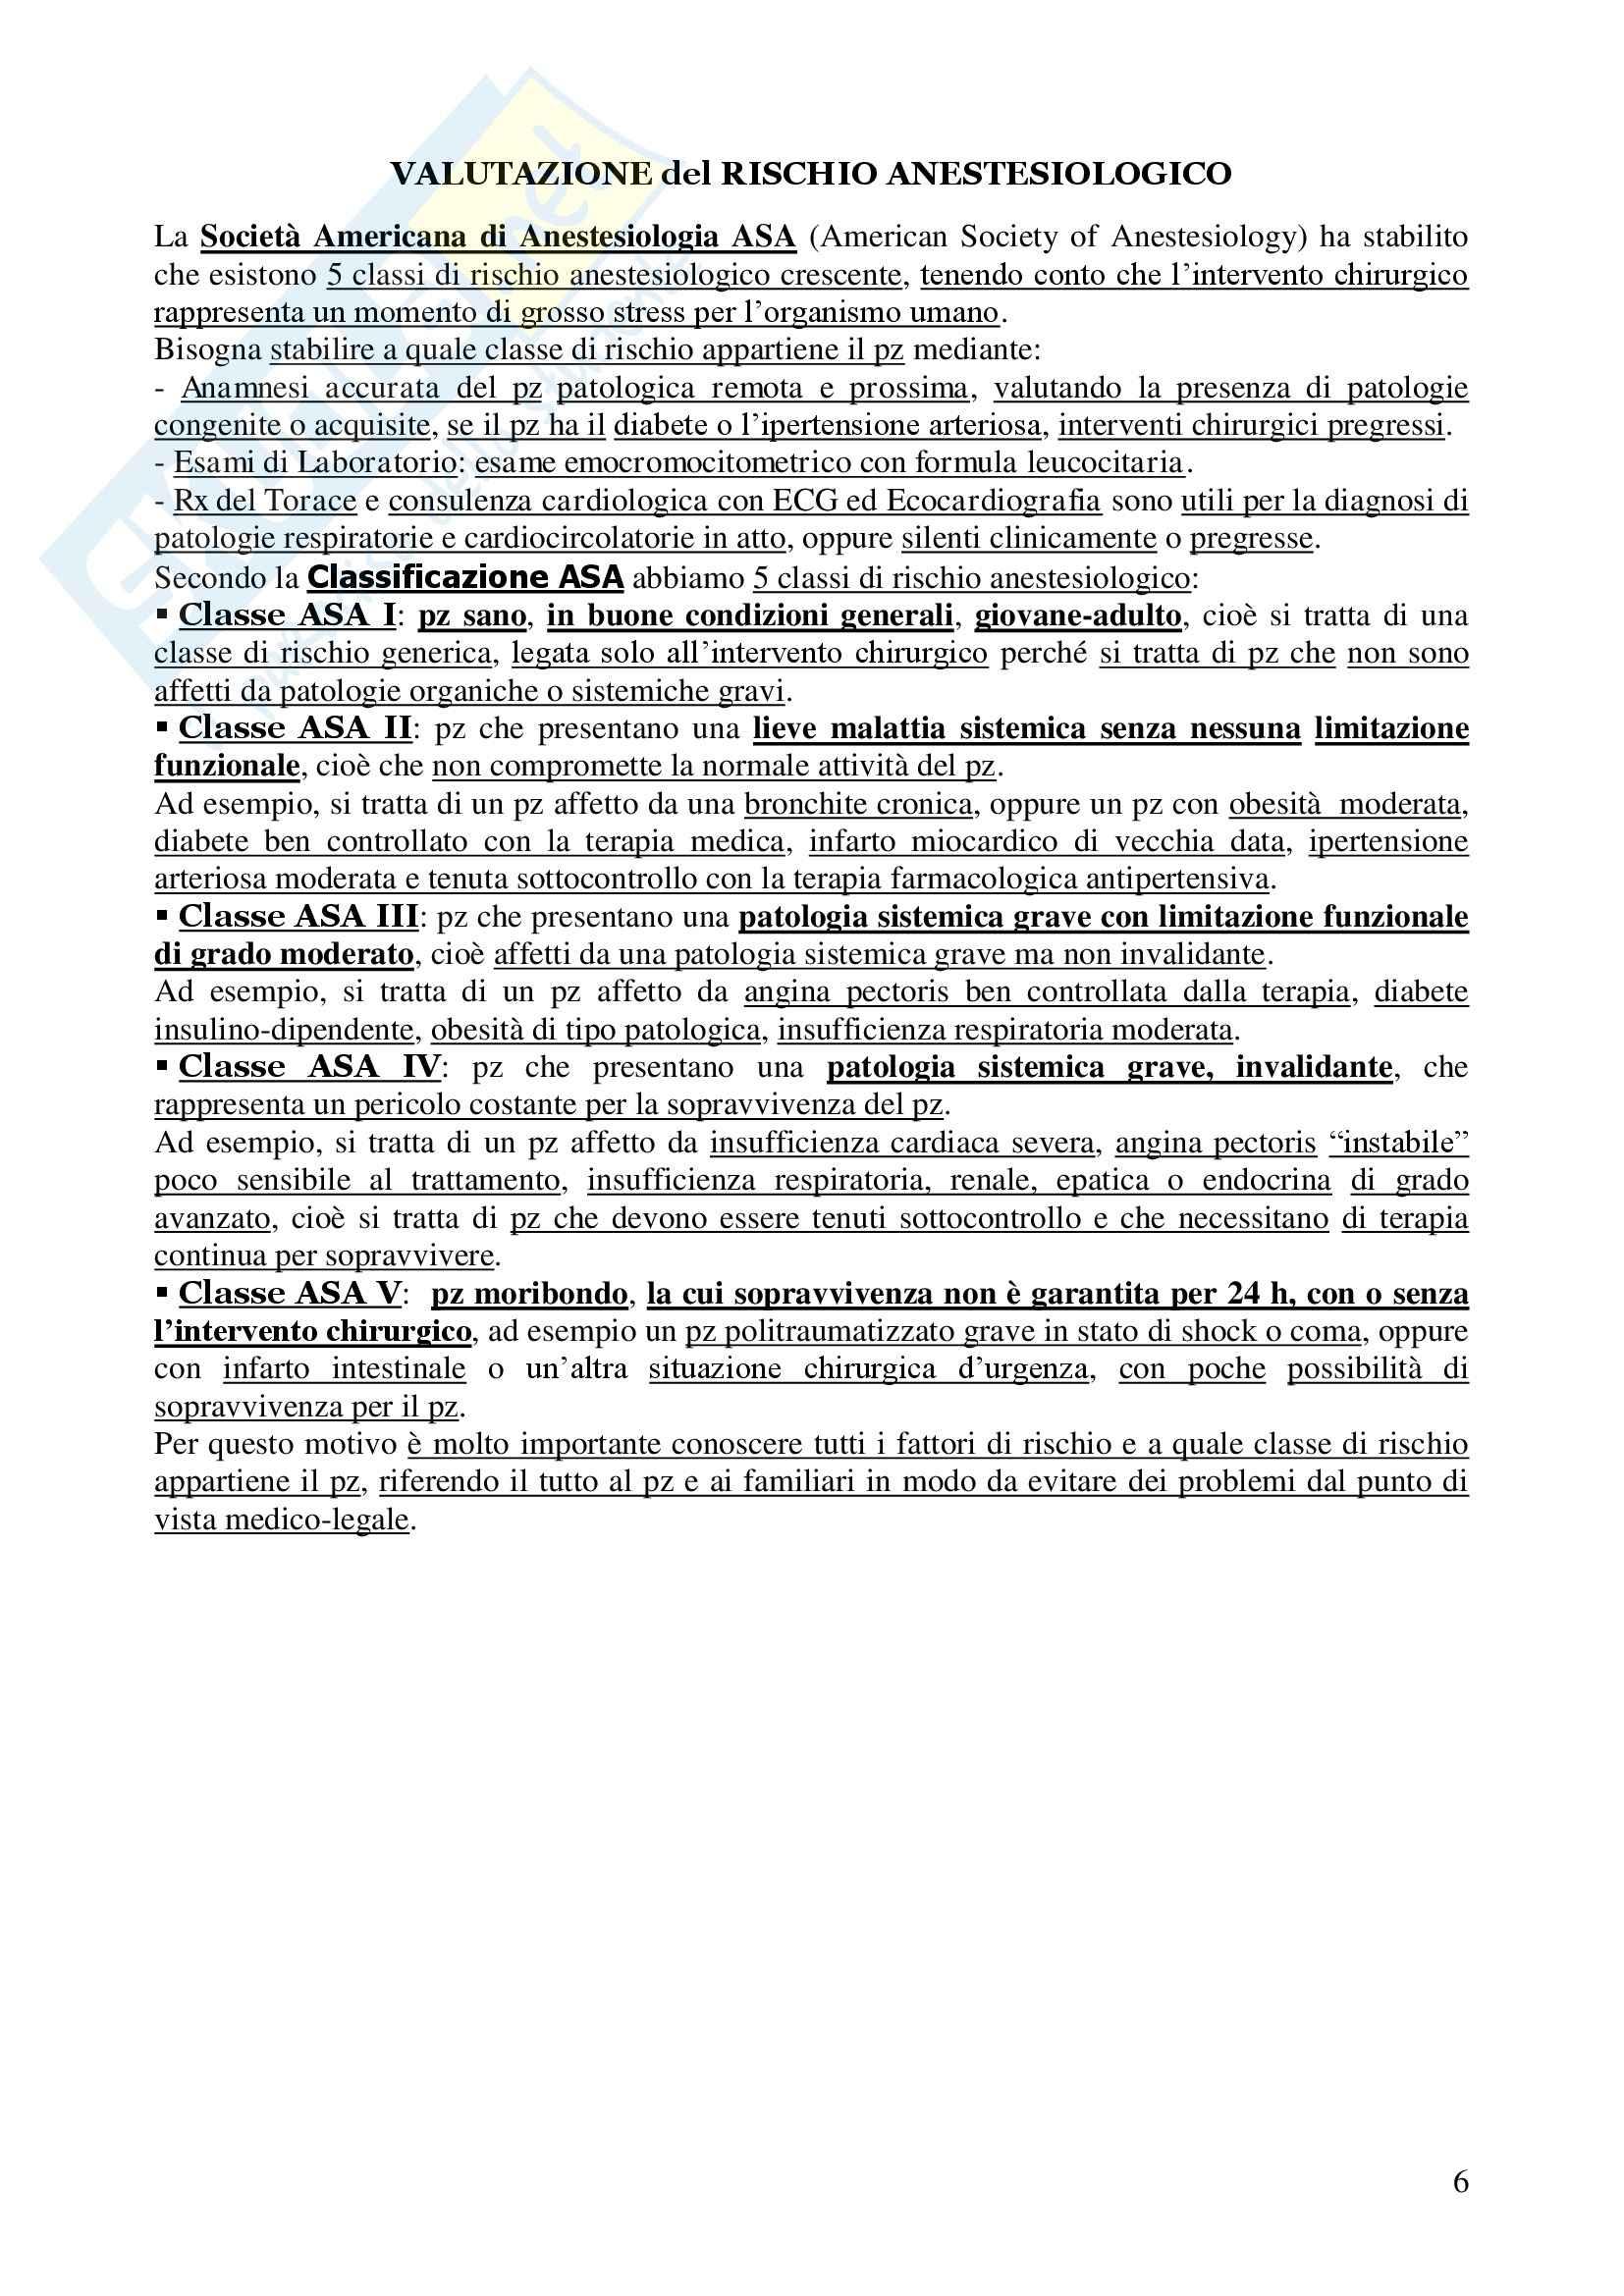 Chirurgia - chirurgia generale - Appunti Pag. 6